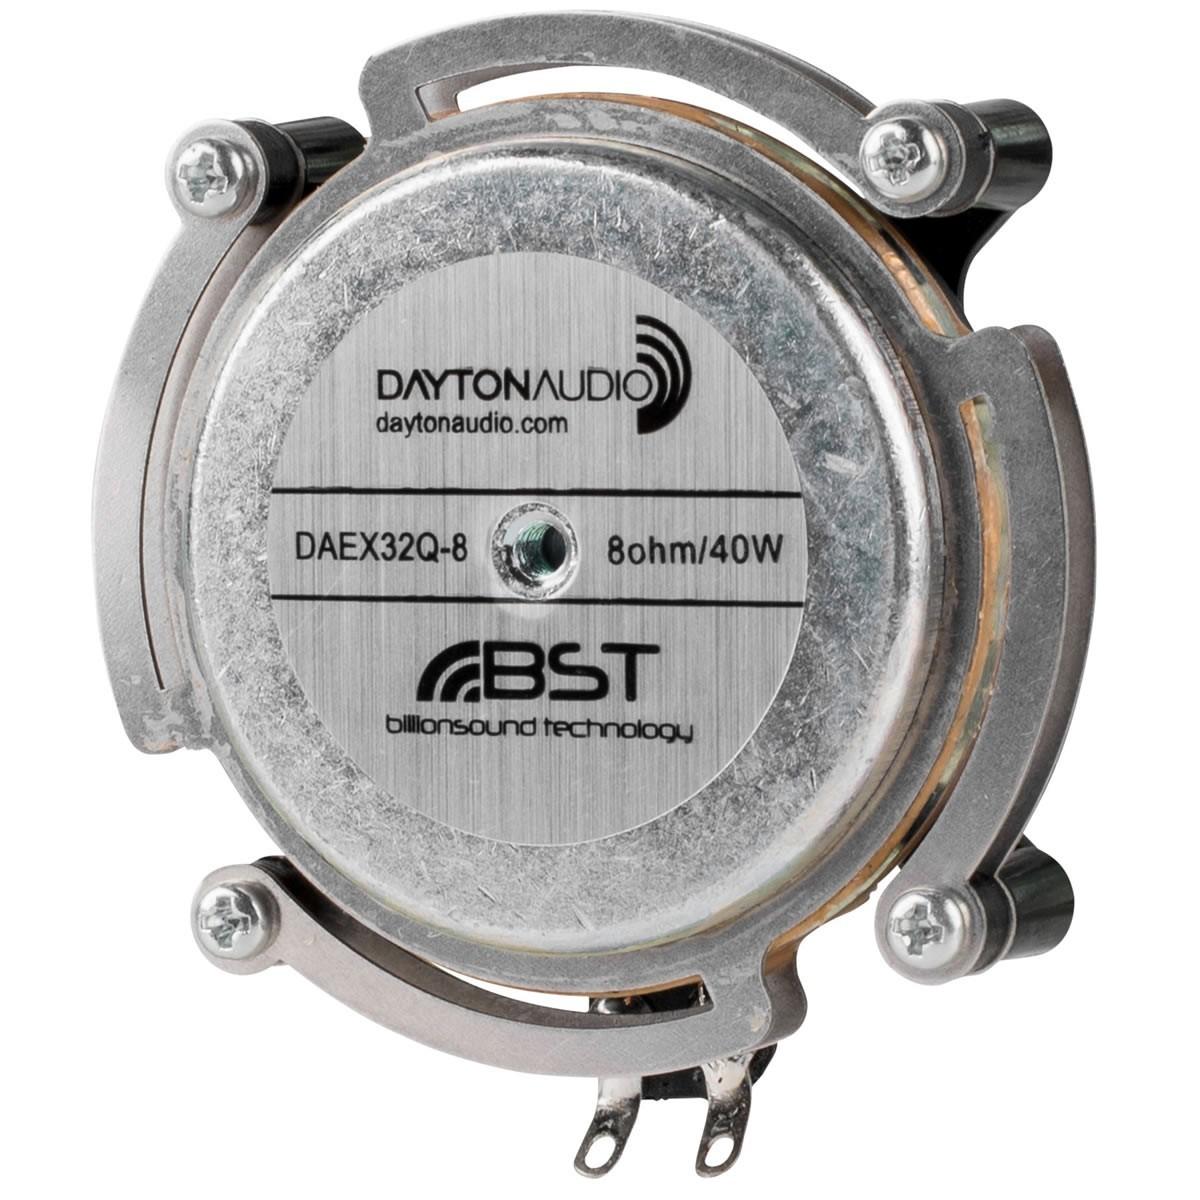 DAYTON AUDIO DAEX32Q-8 Haut-Parleur Vibreur Exciter 20W 8 Ohm Ø3.2cm